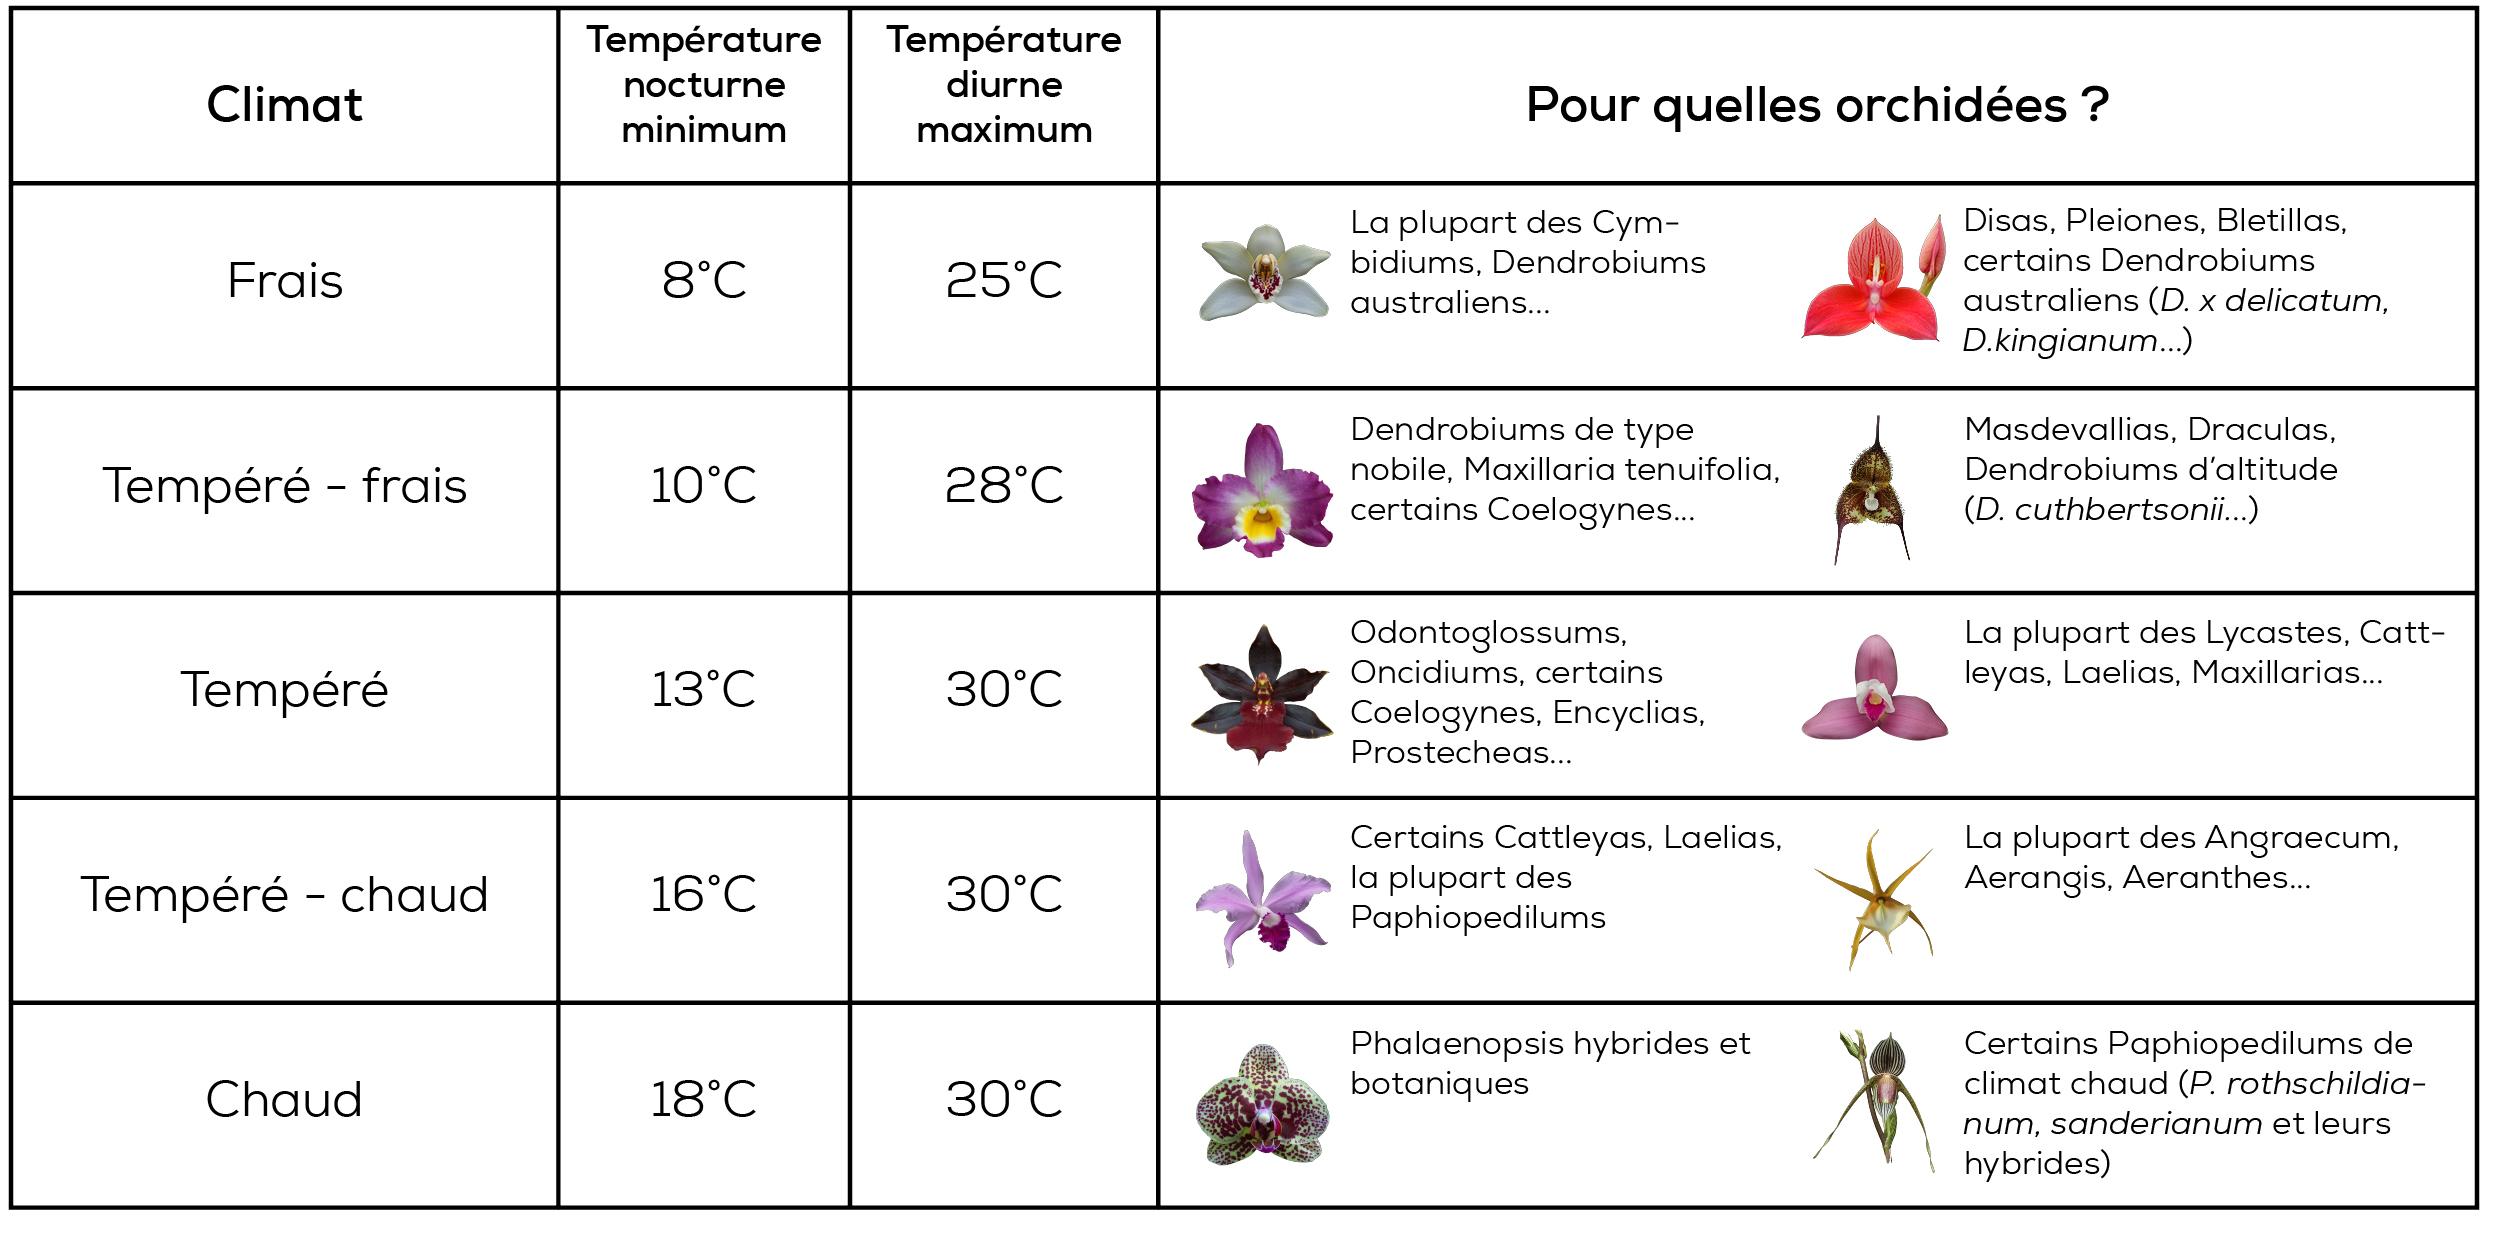 Les climats de culture des orchidées